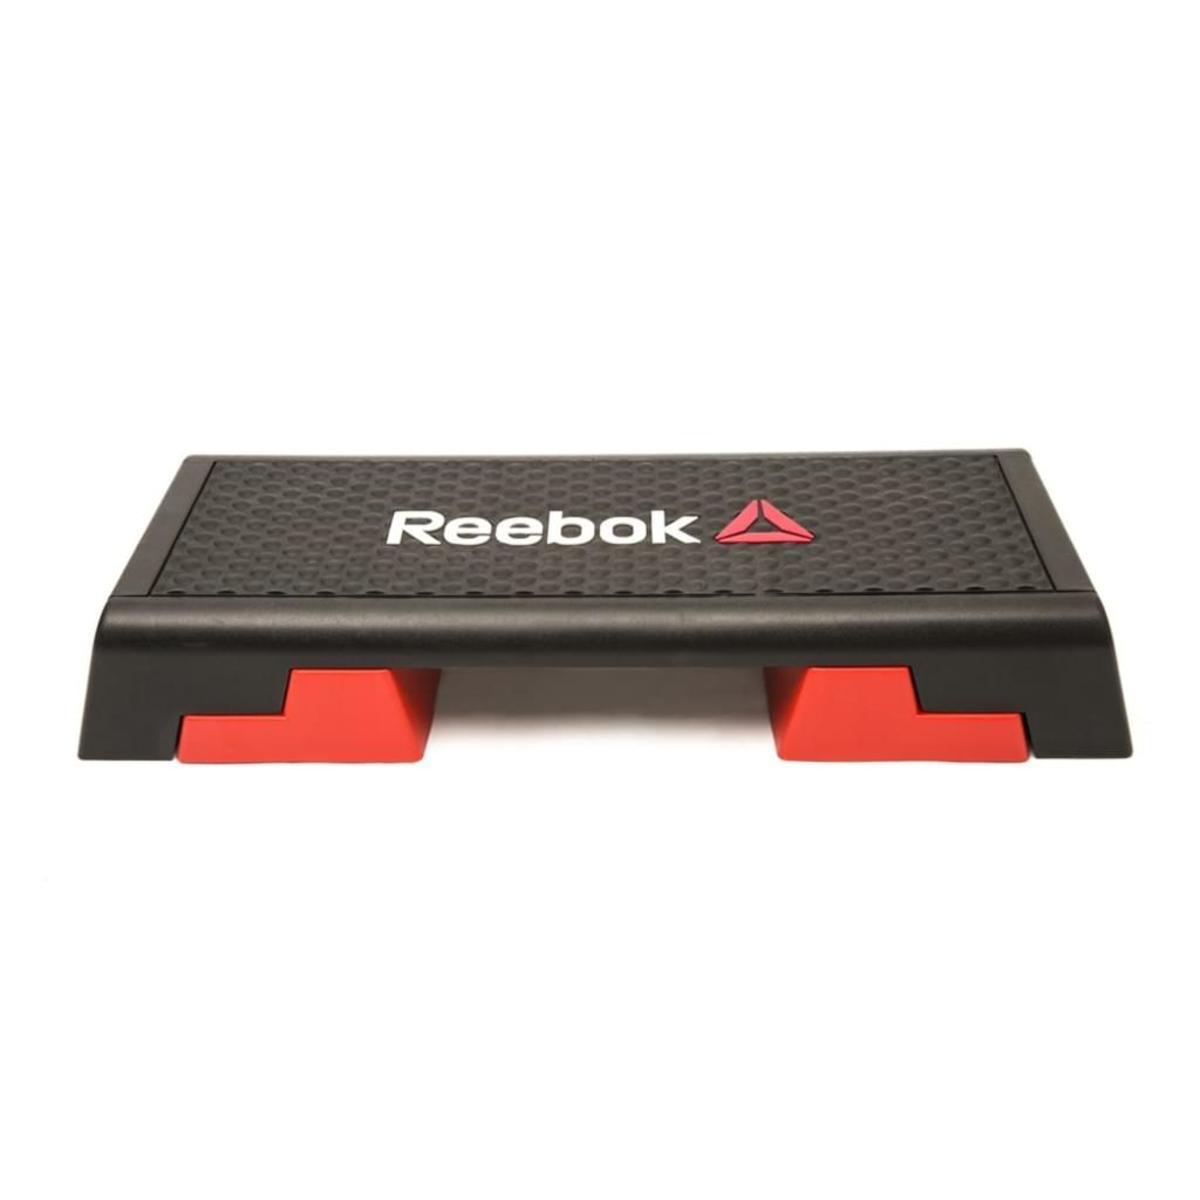 Bild 4 von Reebok Step Studio Stepbrett schwarz-rot, RSP-16150